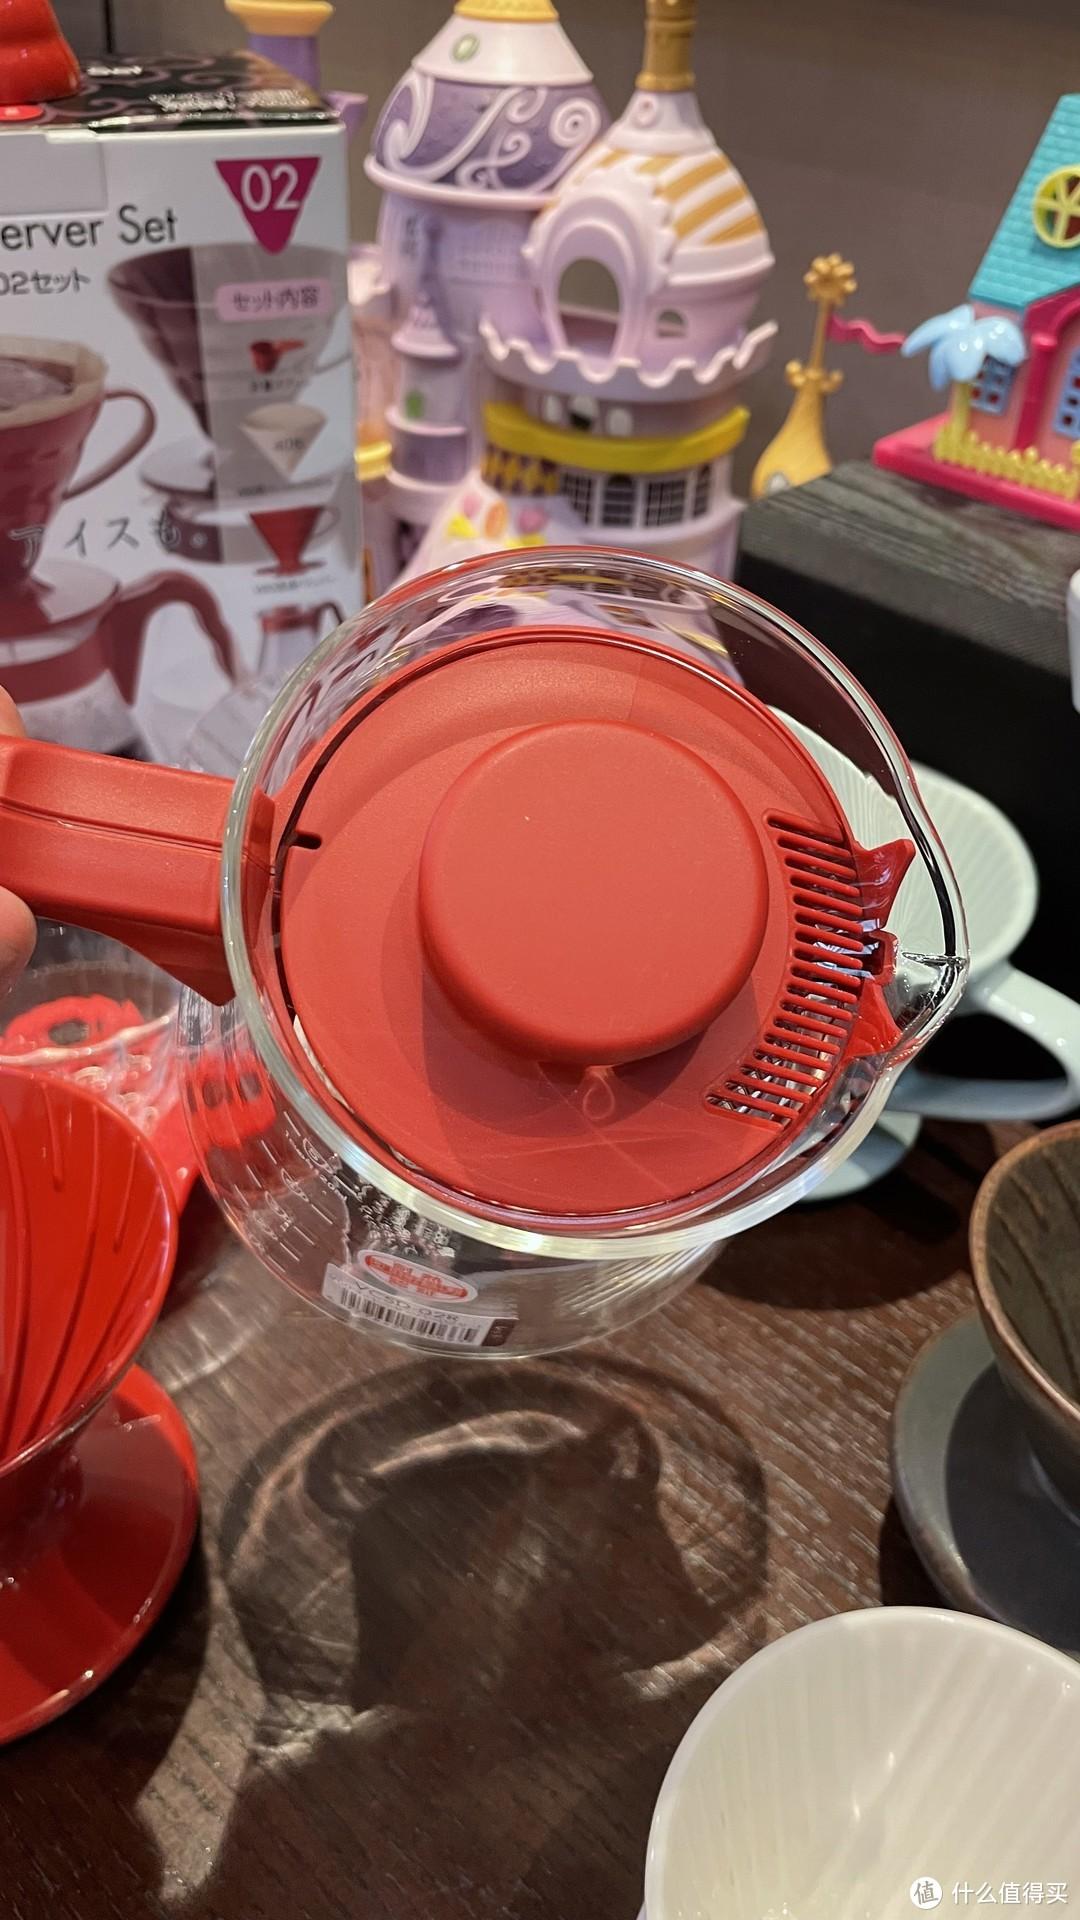 我的滤杯大军HARIO好璃奥手冲咖啡咖啡滤杯套装器具晒单